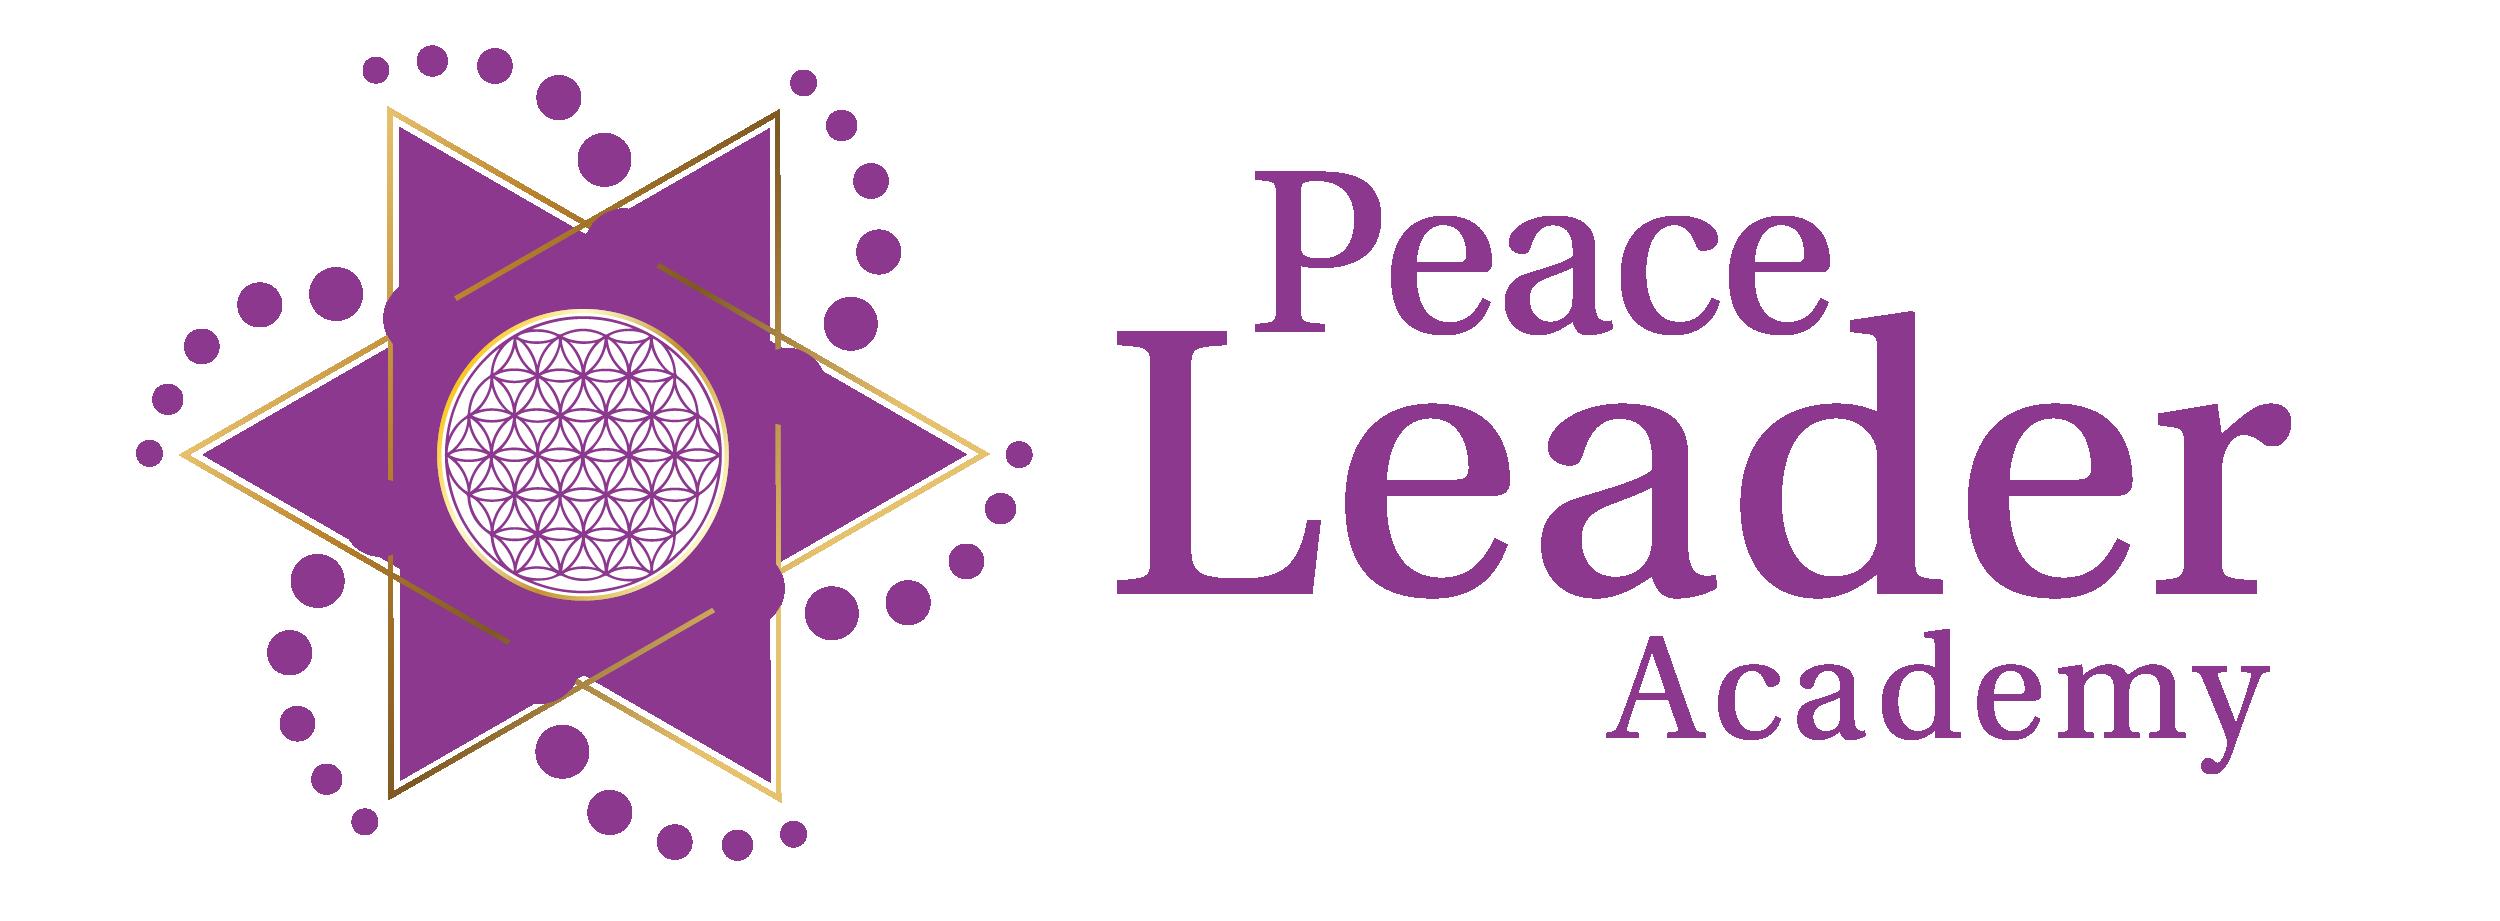 Peace Leader Academy